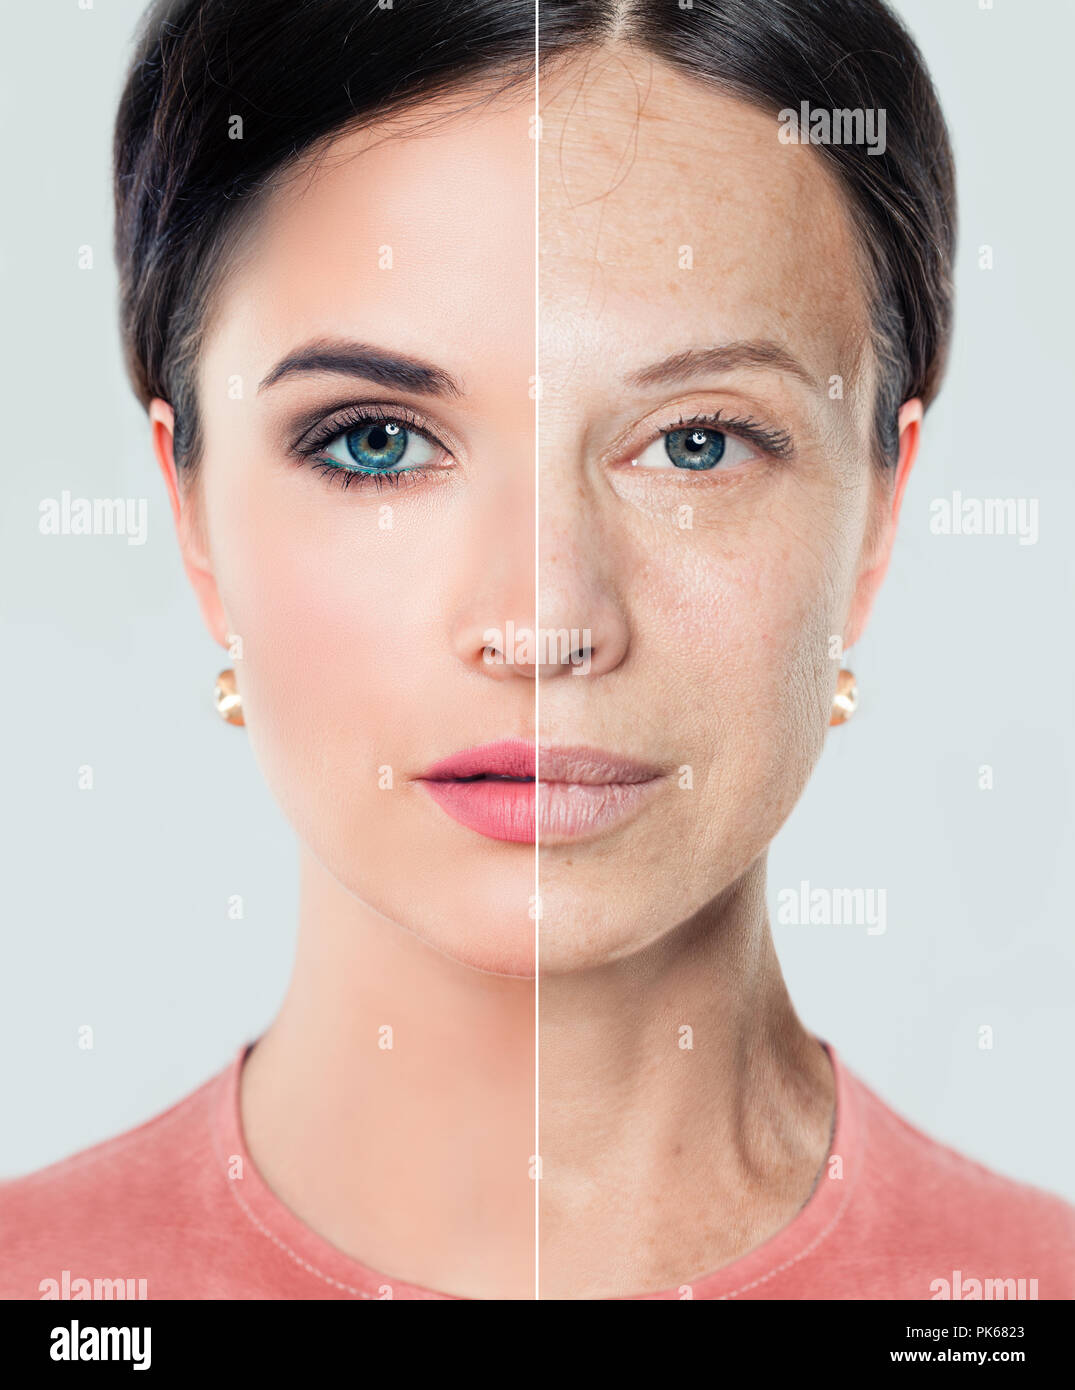 Le vieillissement et les jeunes concept. Belle femme avec problème et nettoyer la peau, soins de beauté et de levage. Avant et après, de la jeunesse et de la vieillesse. Processus d'ag Photo Stock